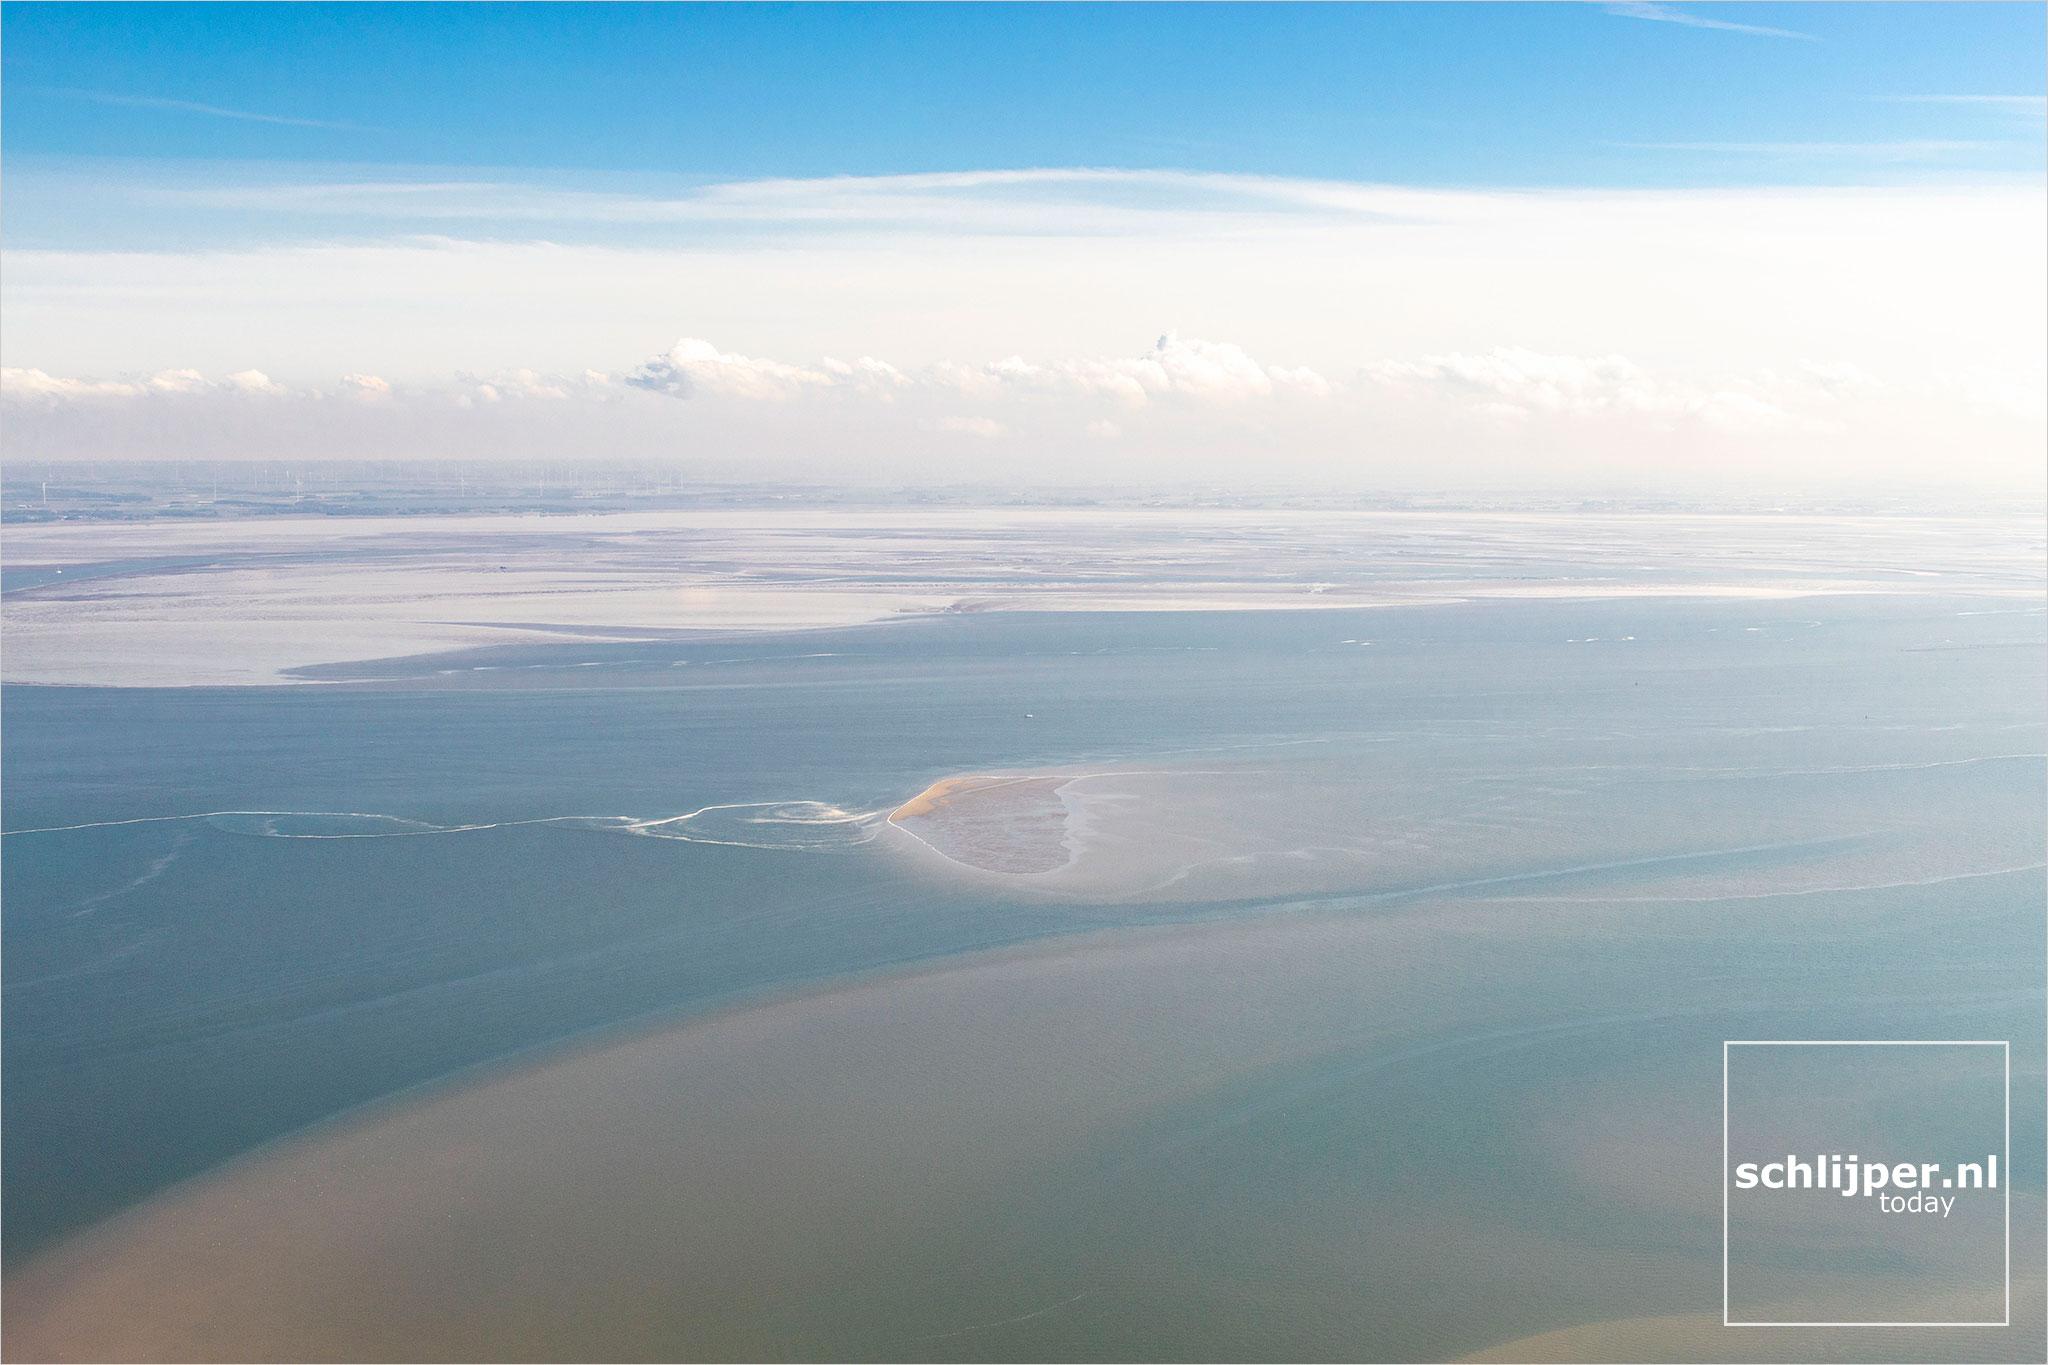 The Netherlands, Waddenzee, 28 mei 2021